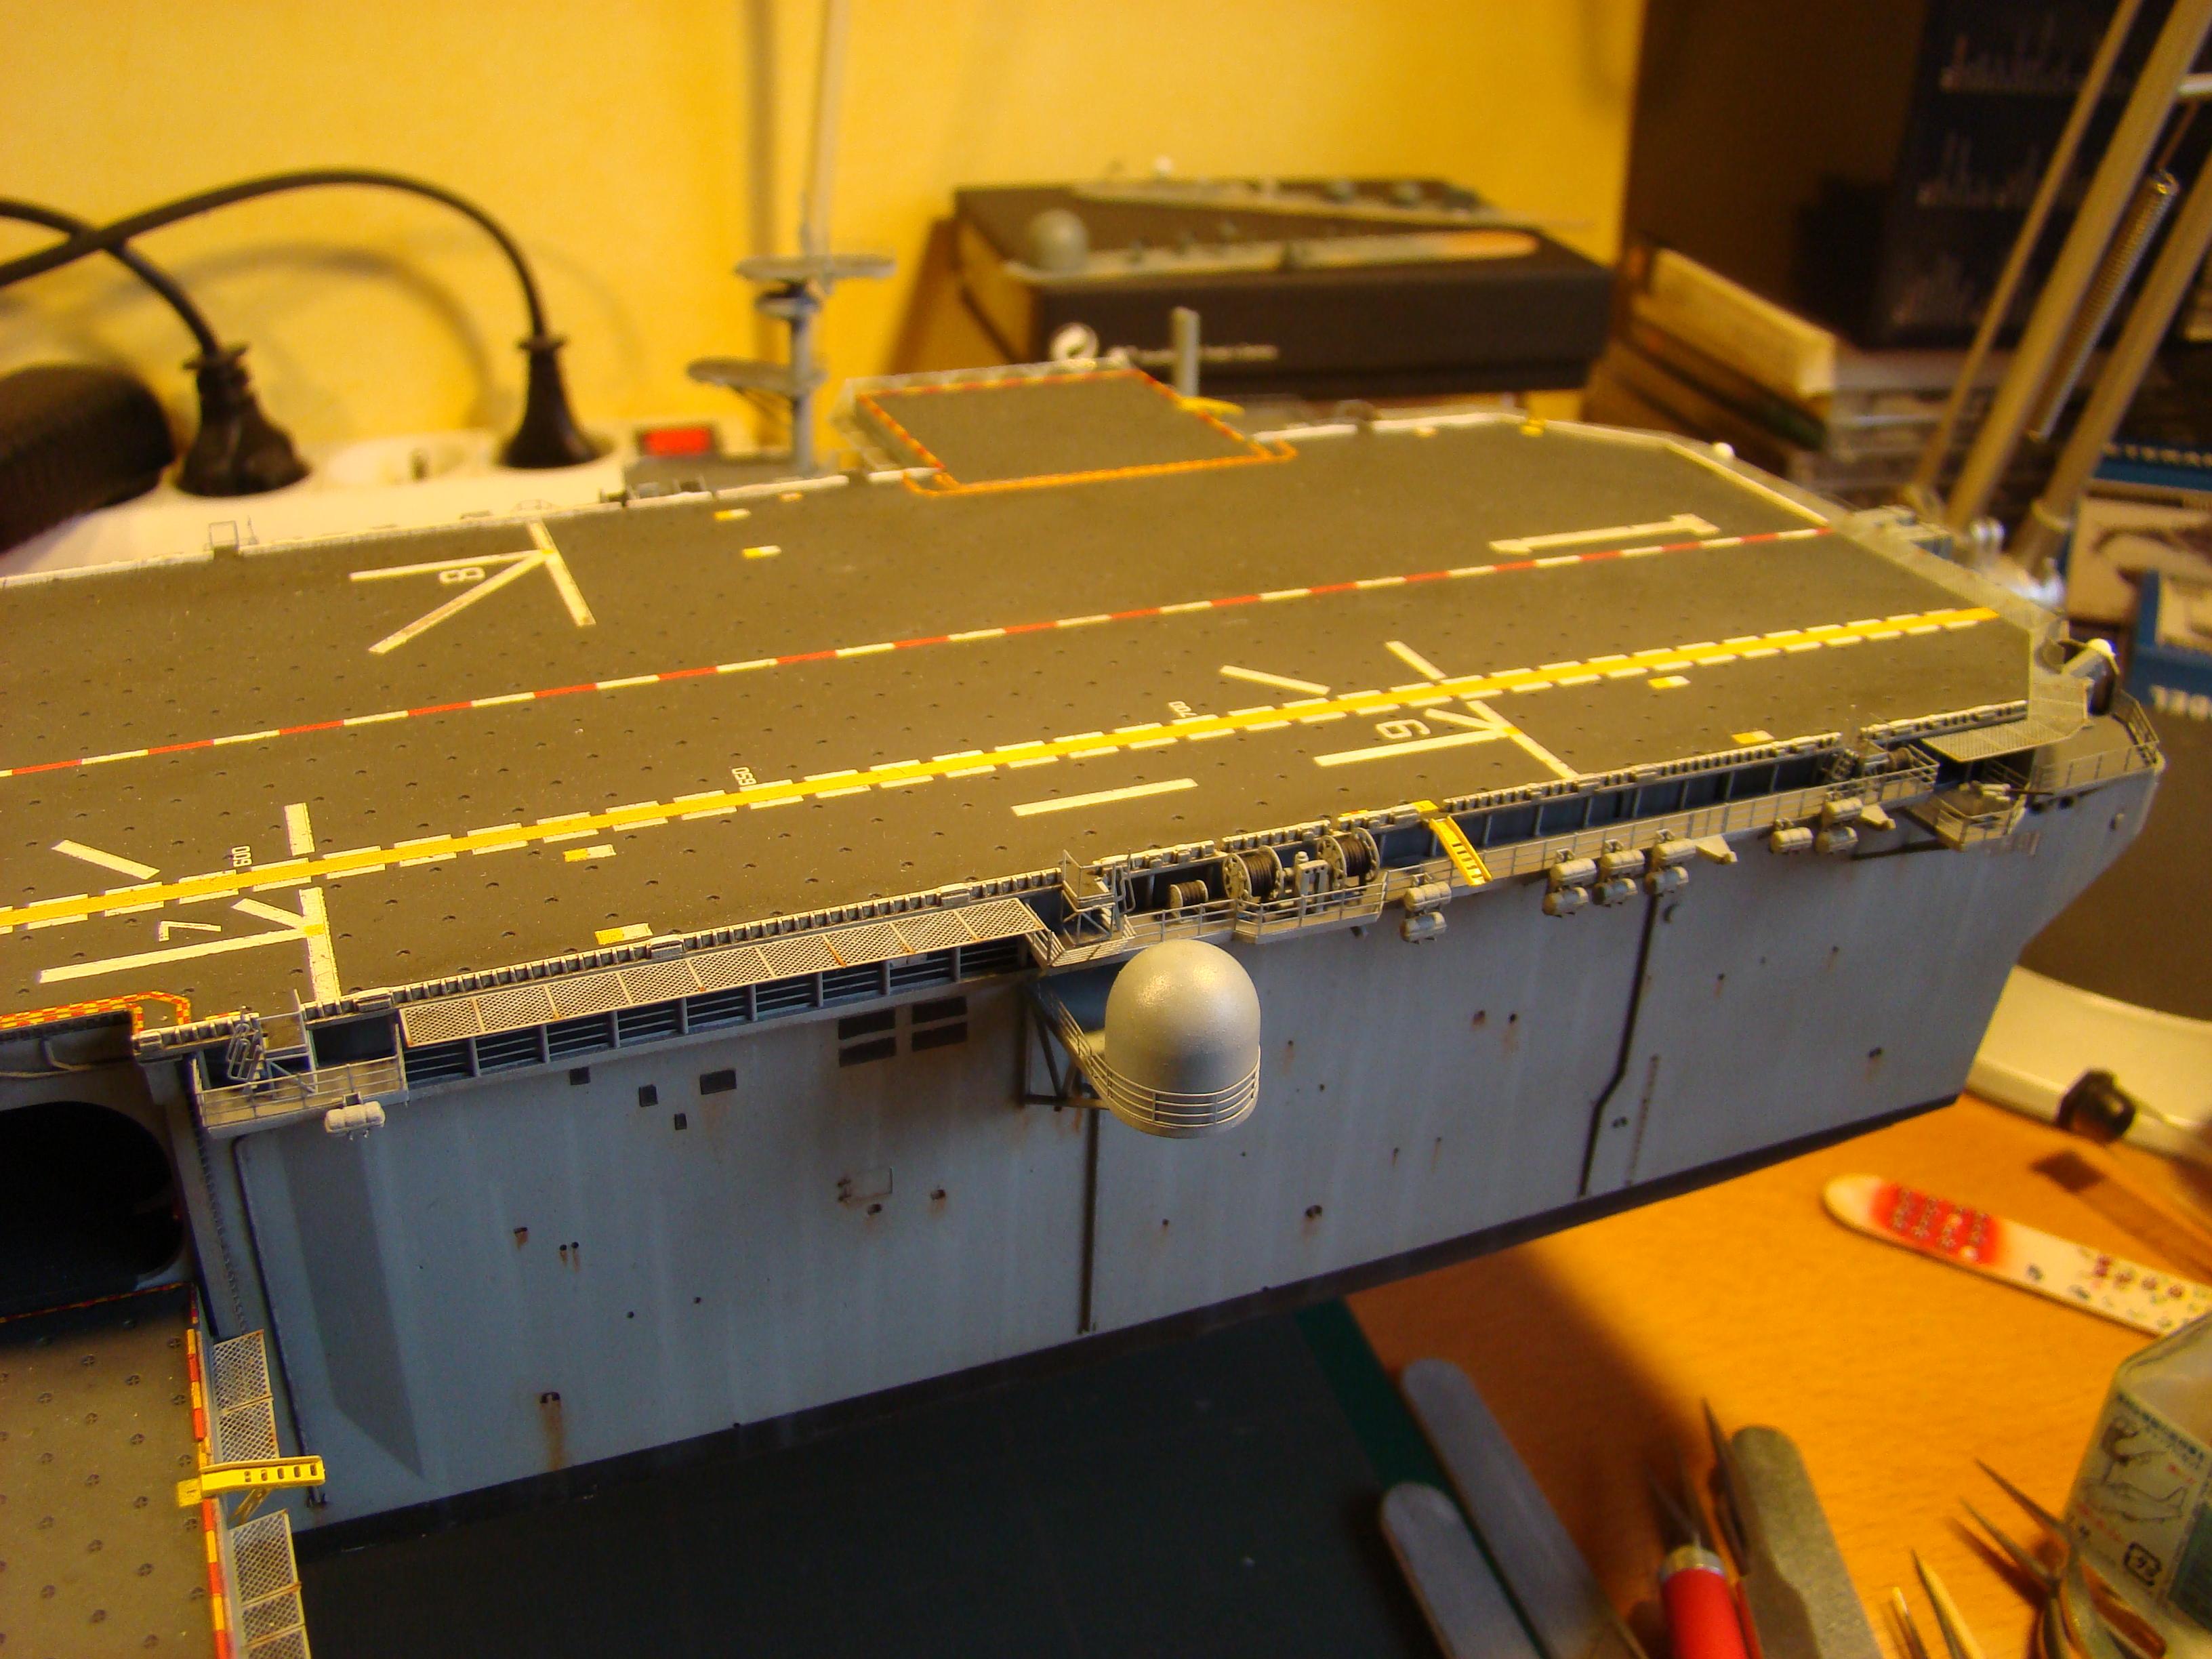 USS WASP LHD-1 au 1/350ème par nova73 - Page 8 Dsc09103c